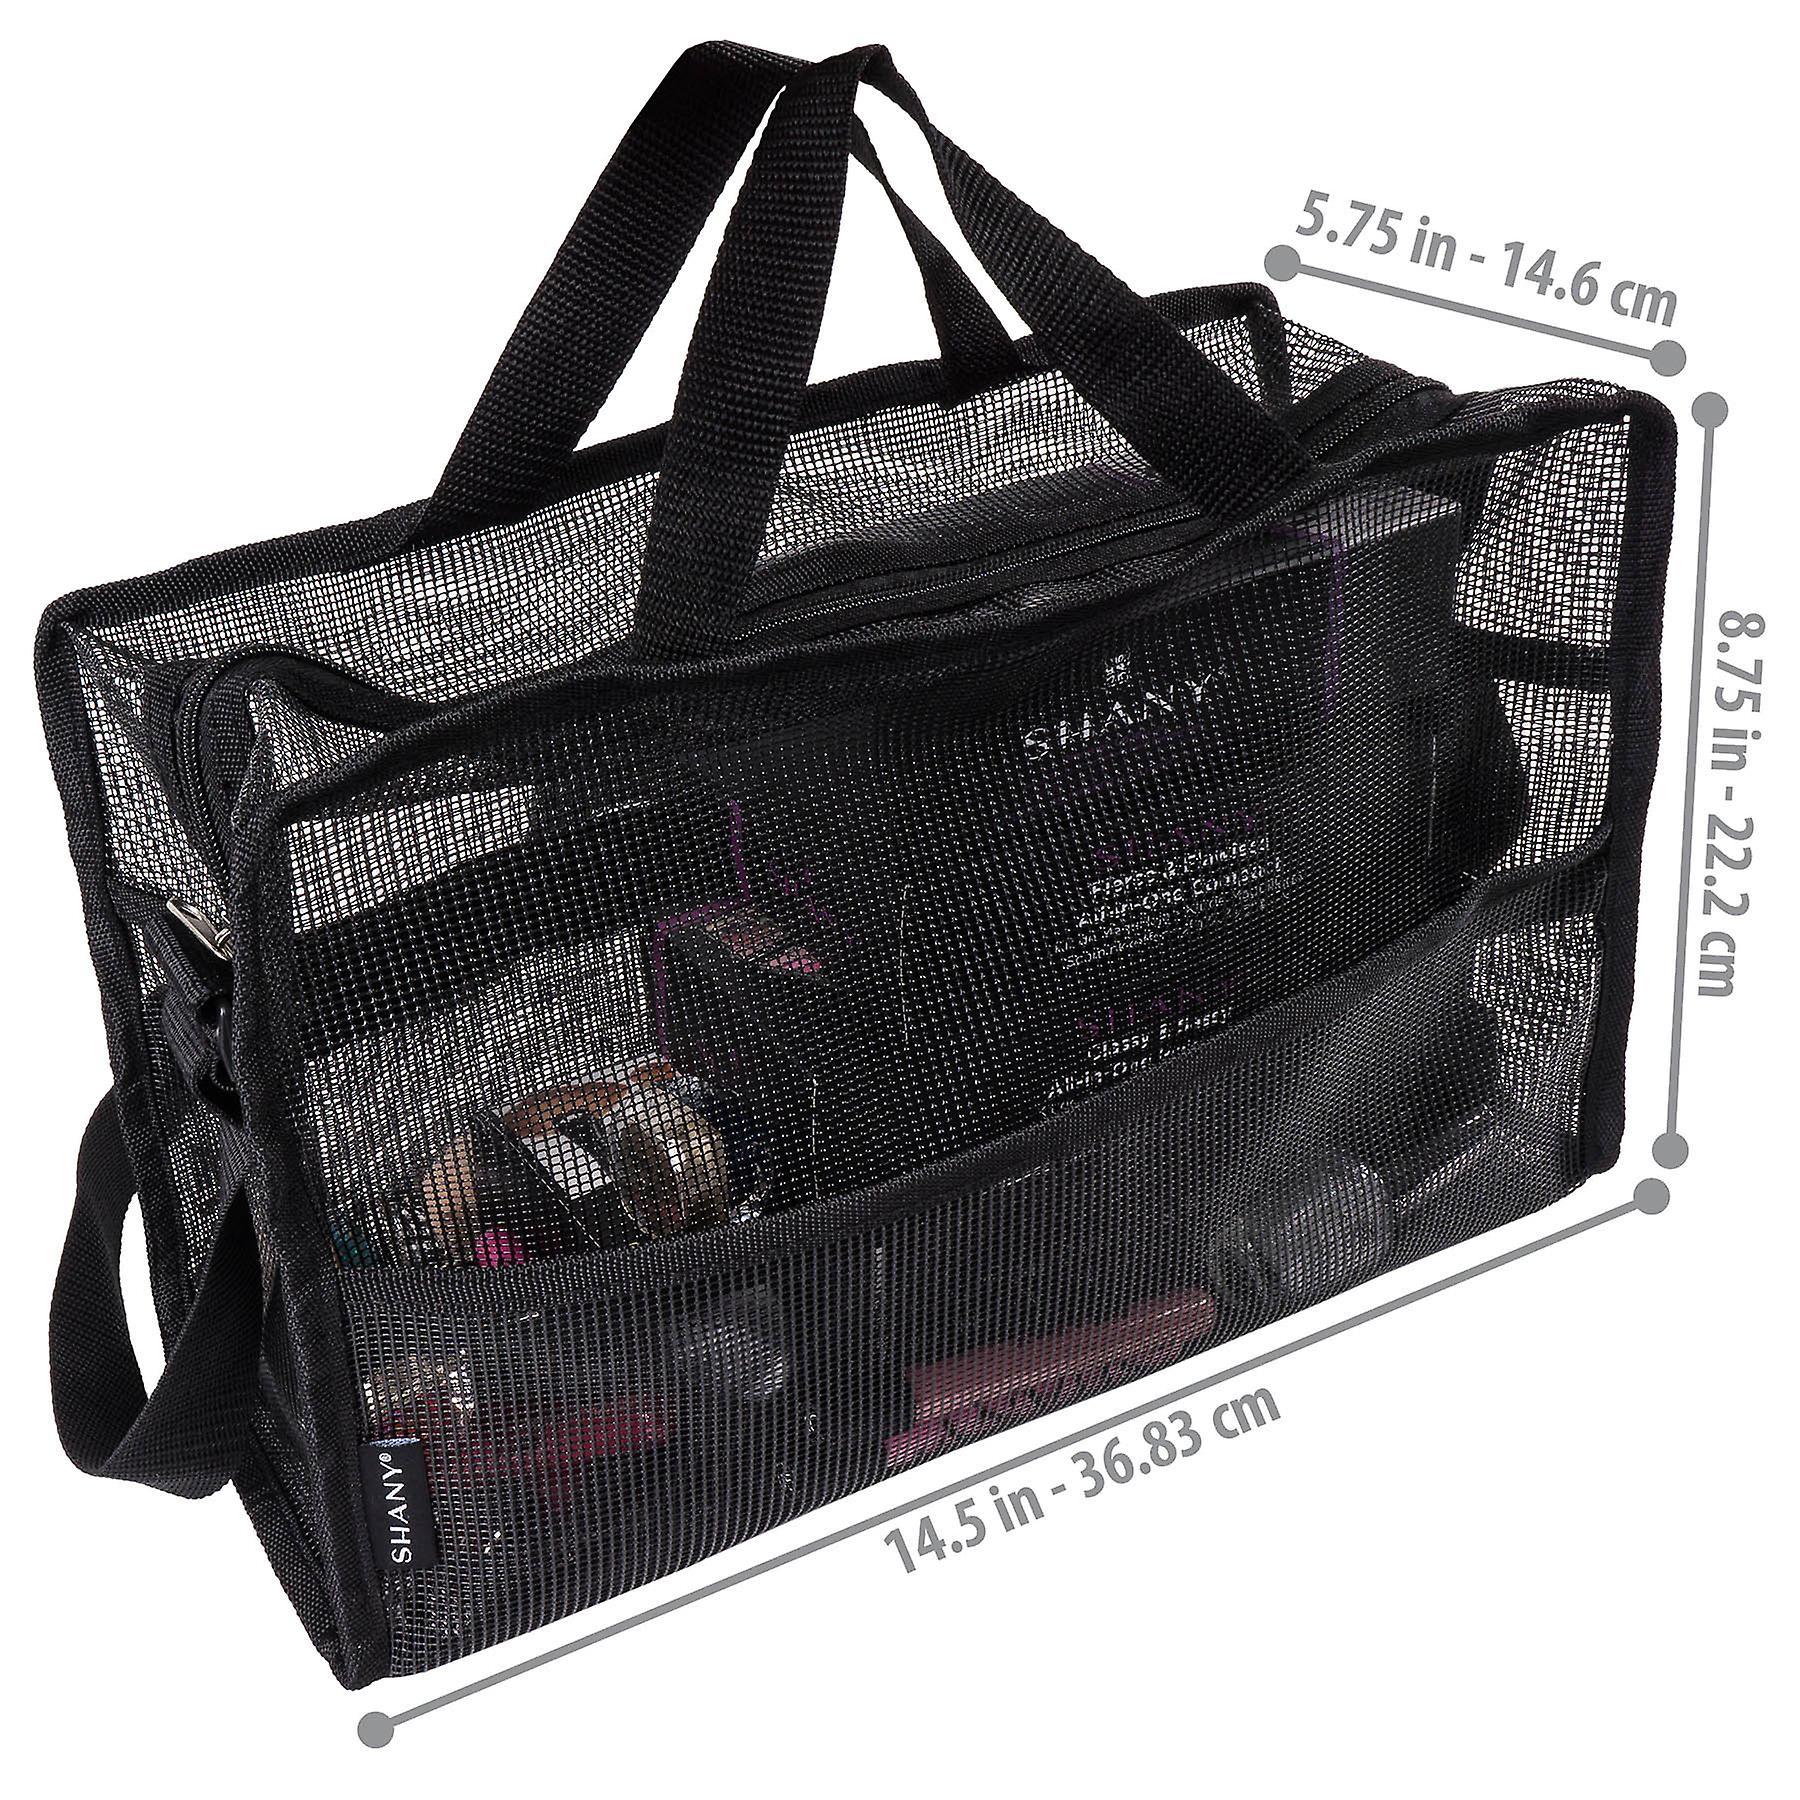 SAC en maille pliable SHANY - Grand fourre-tout see-Thru Travel avec bretelles d'épaule - Résistant à l'eau avec poches zippées - Noir